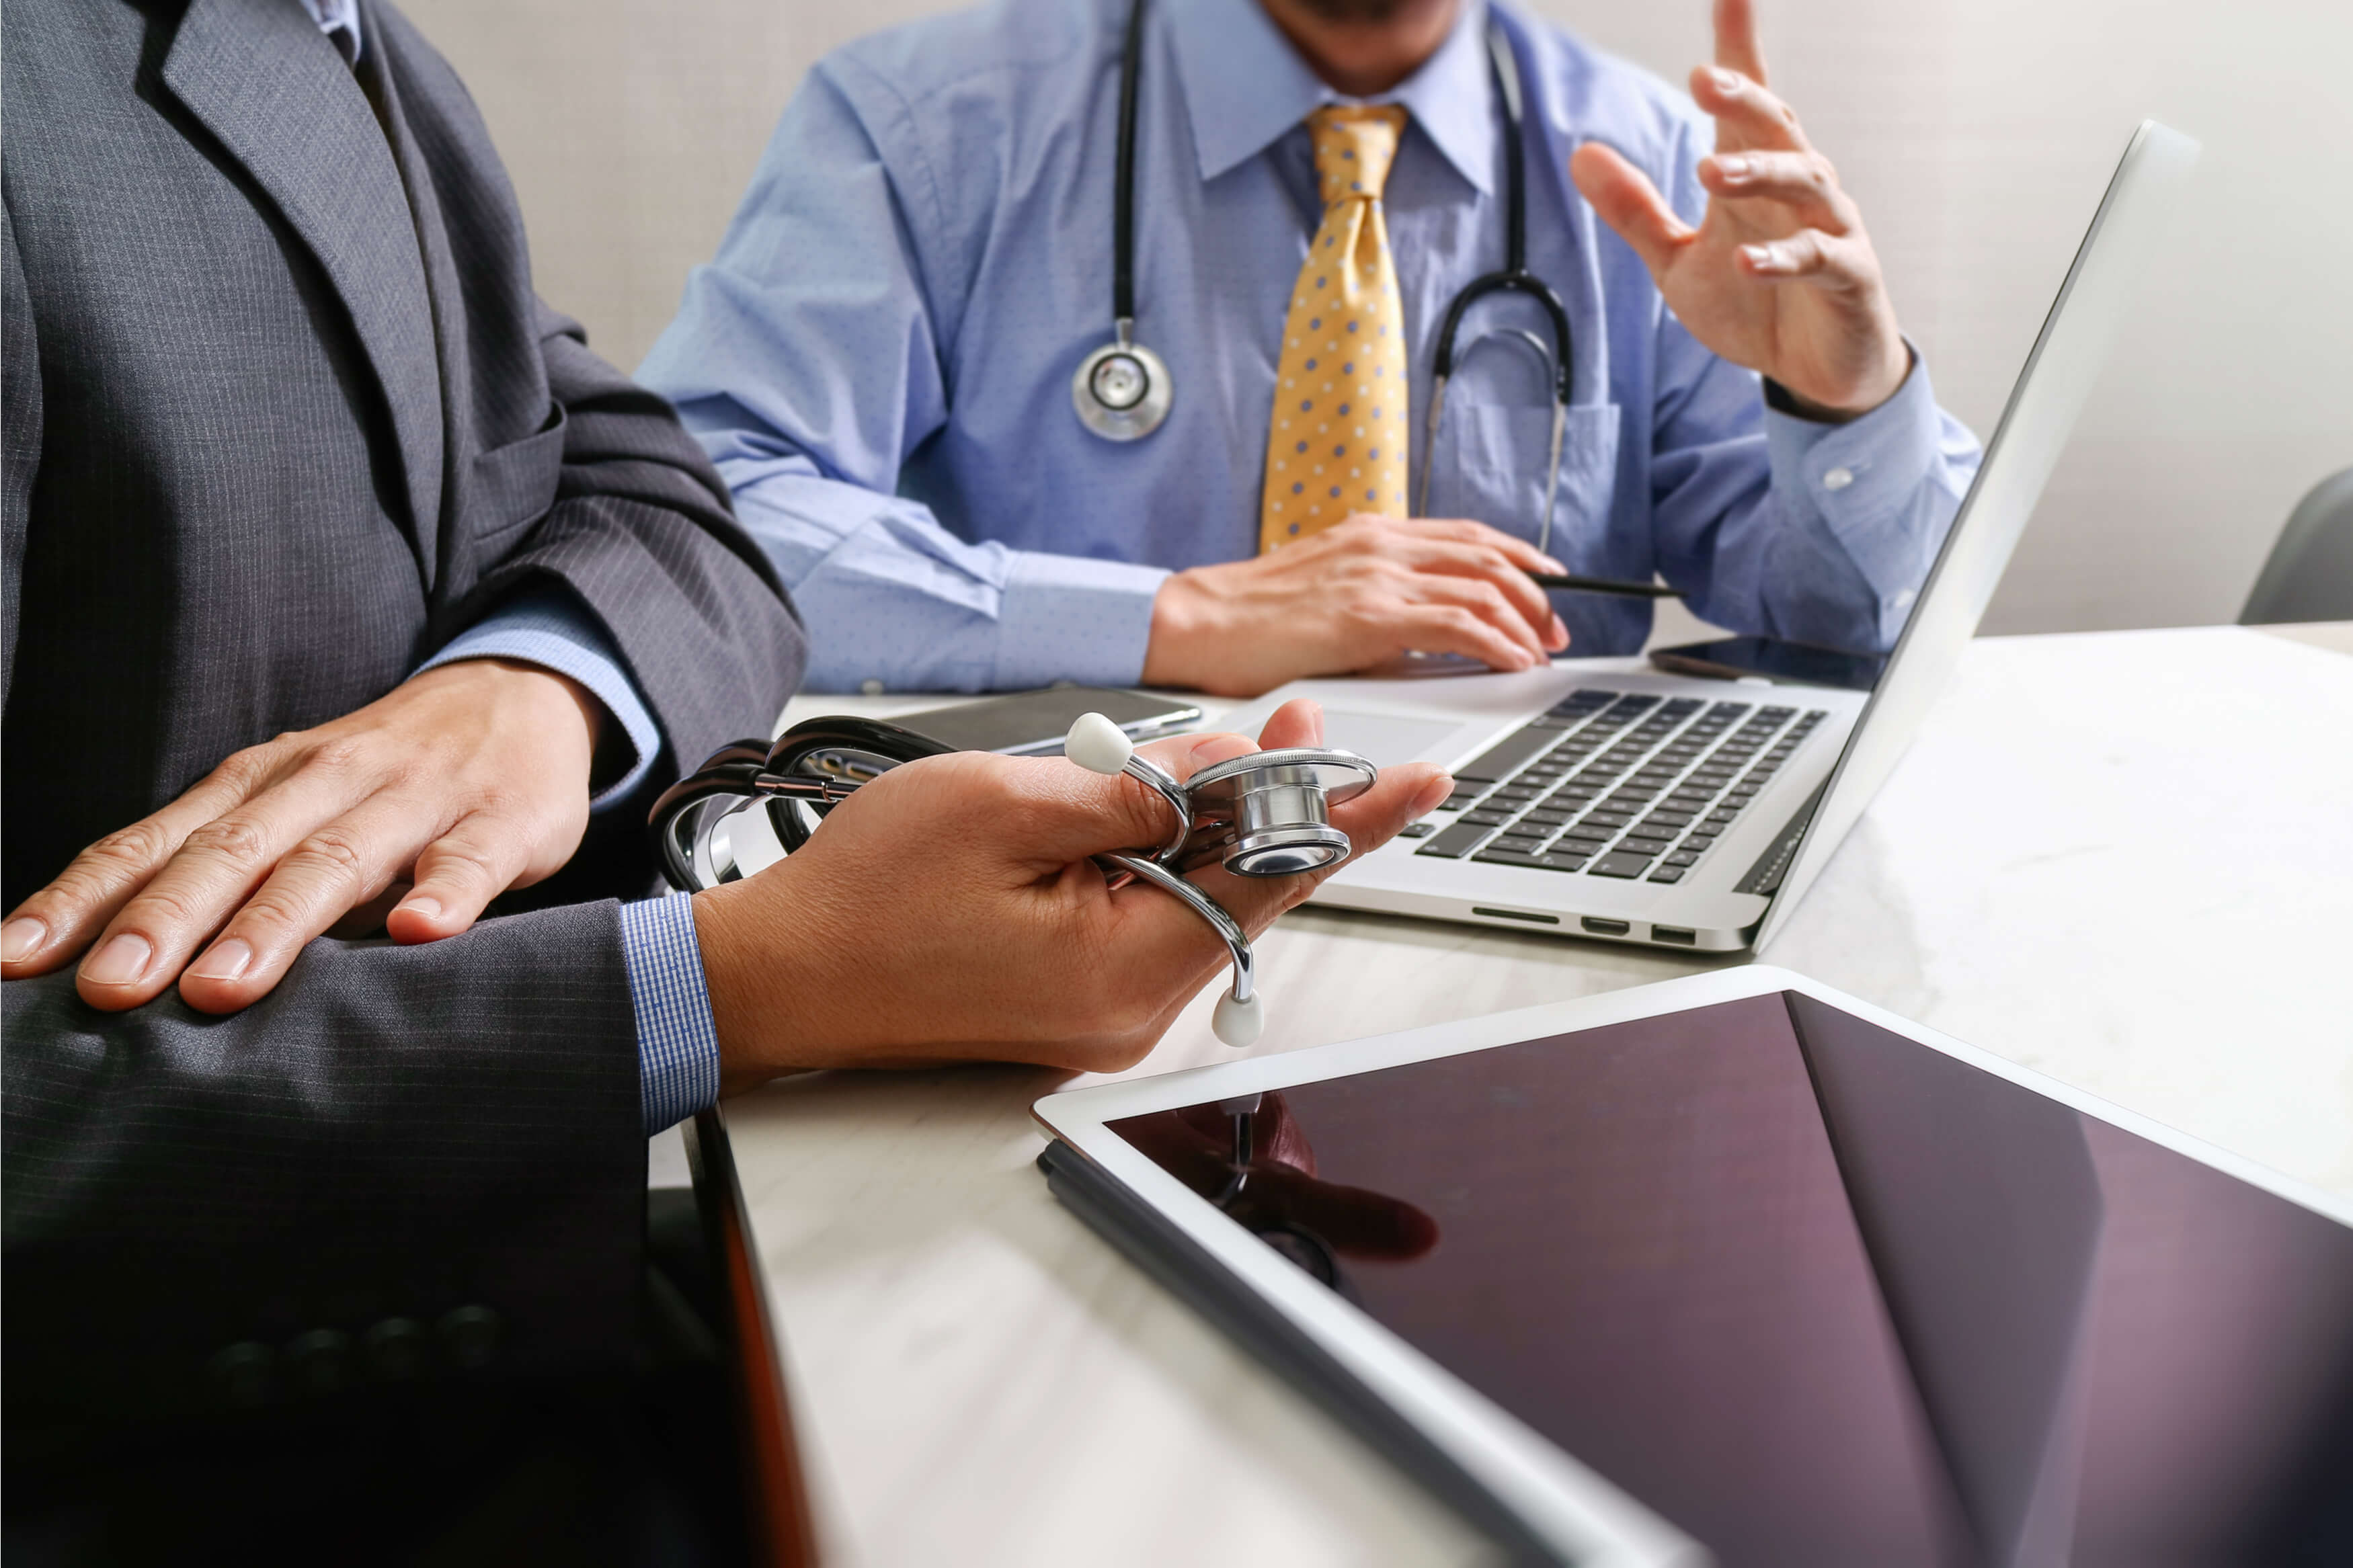 sistema de gestão para clínicas como diferencial competitivo